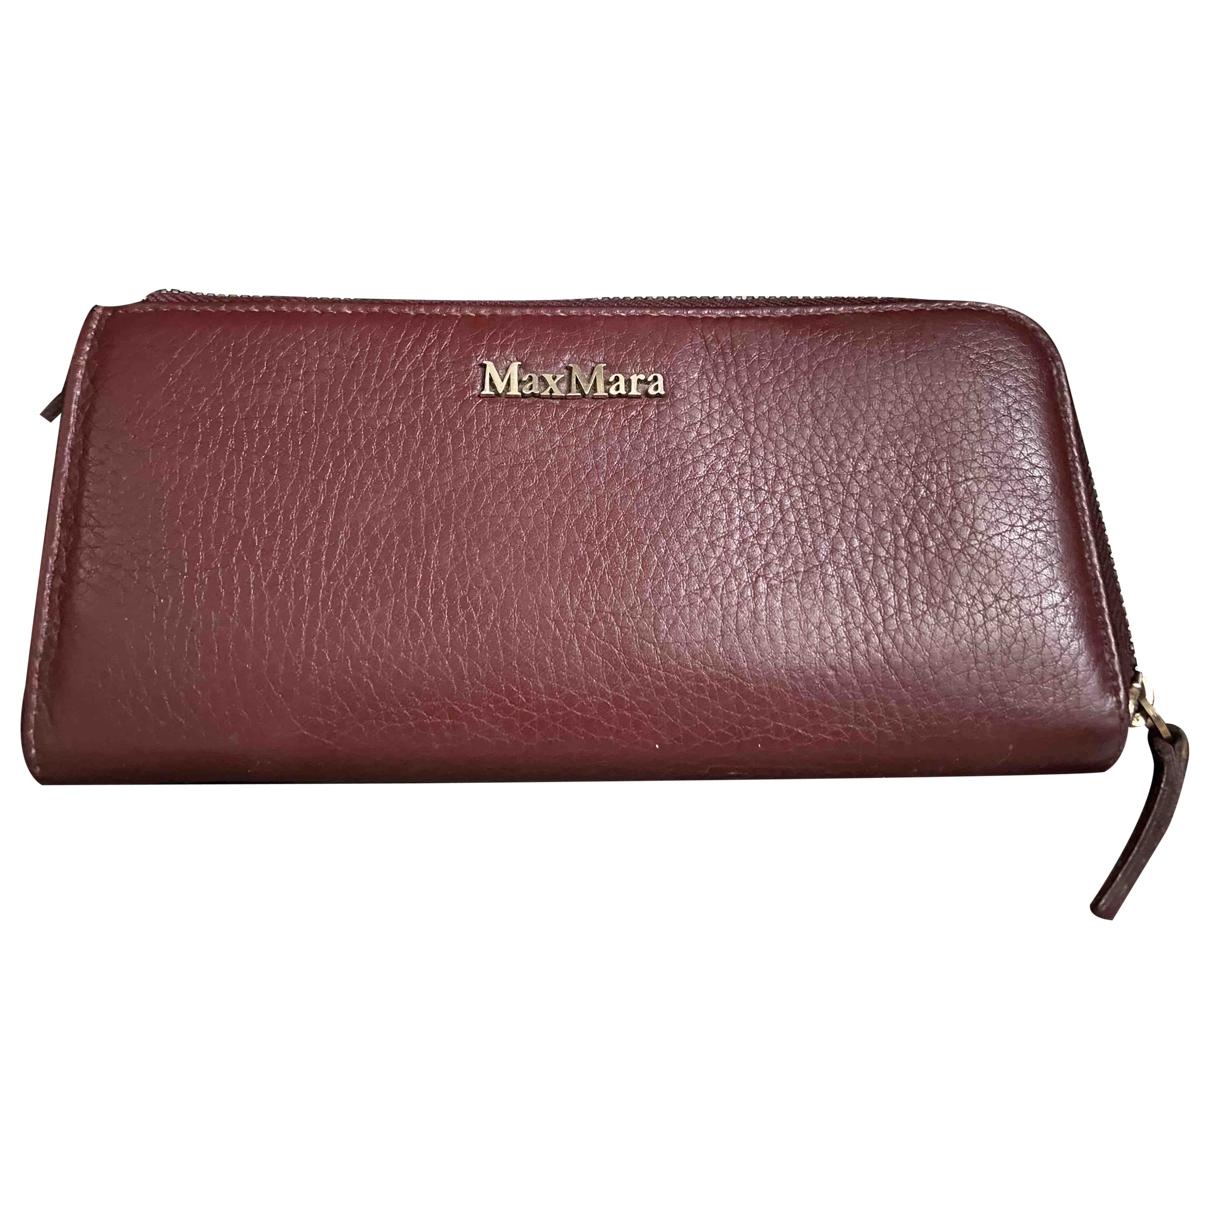 Max Mara \N Burgundy Leather wallet for Women \N